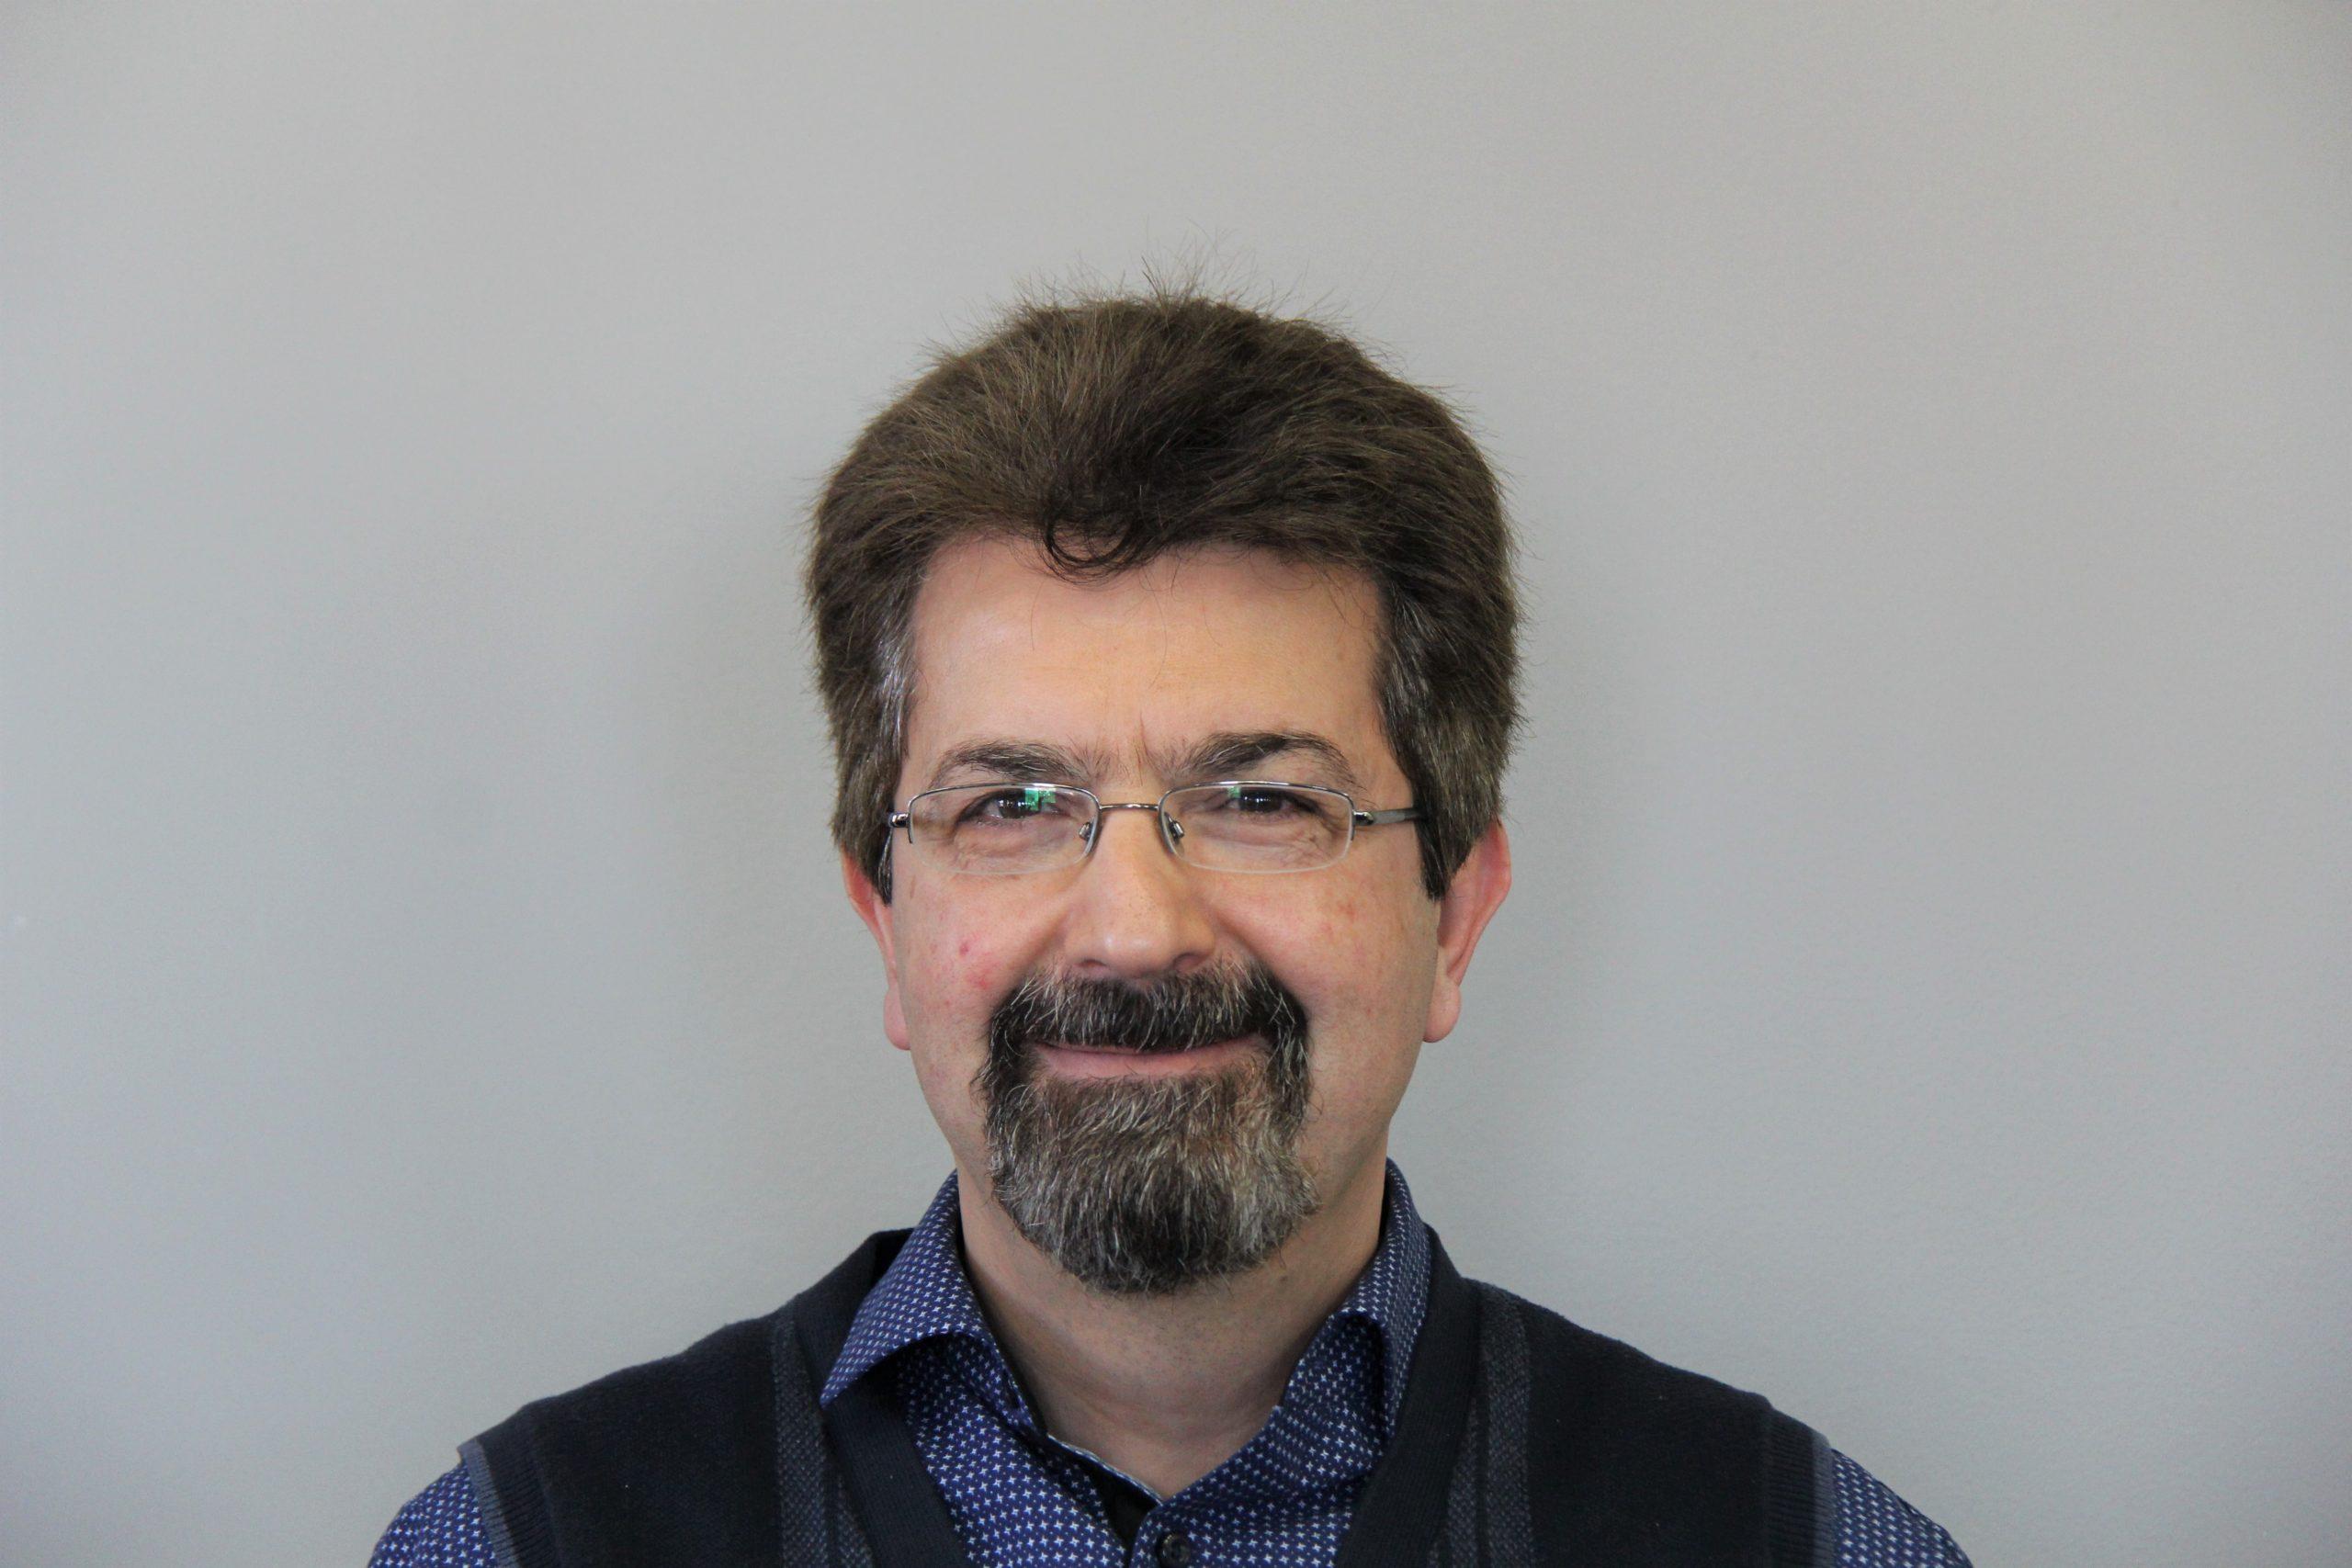 Vatche profile photo